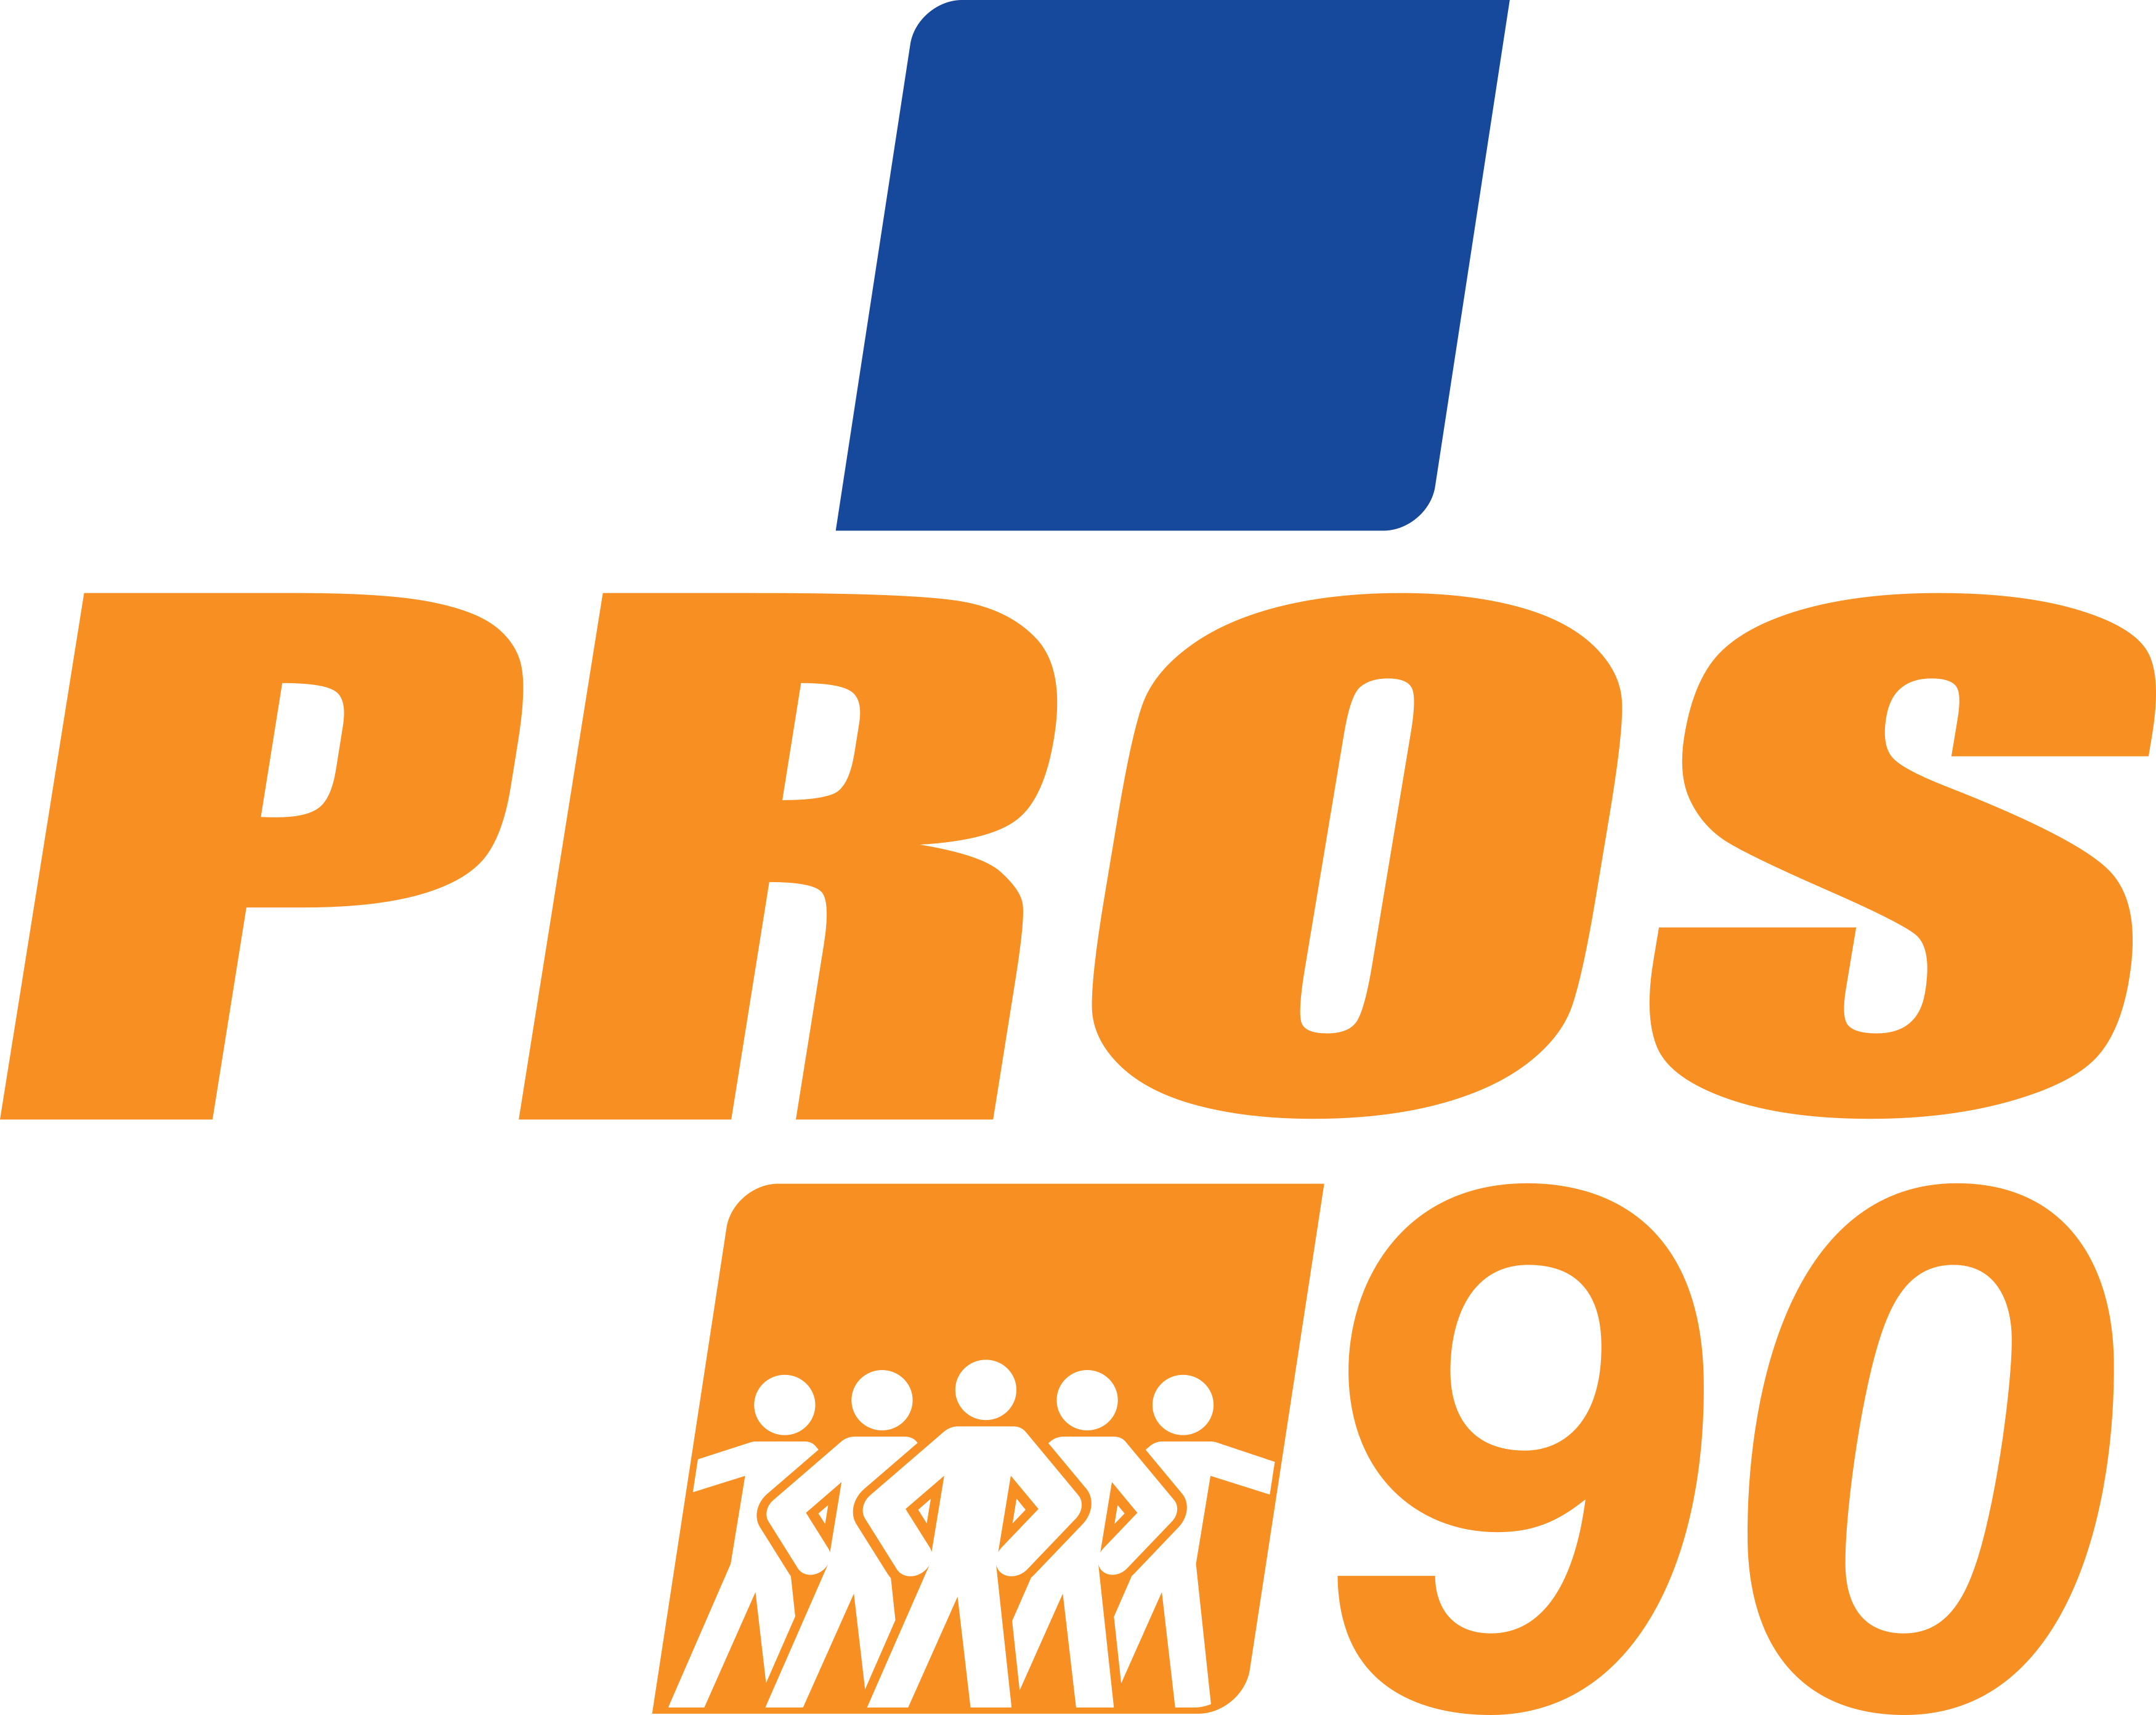 Pros Logo, Partido Republicano da Ordem Social logo.